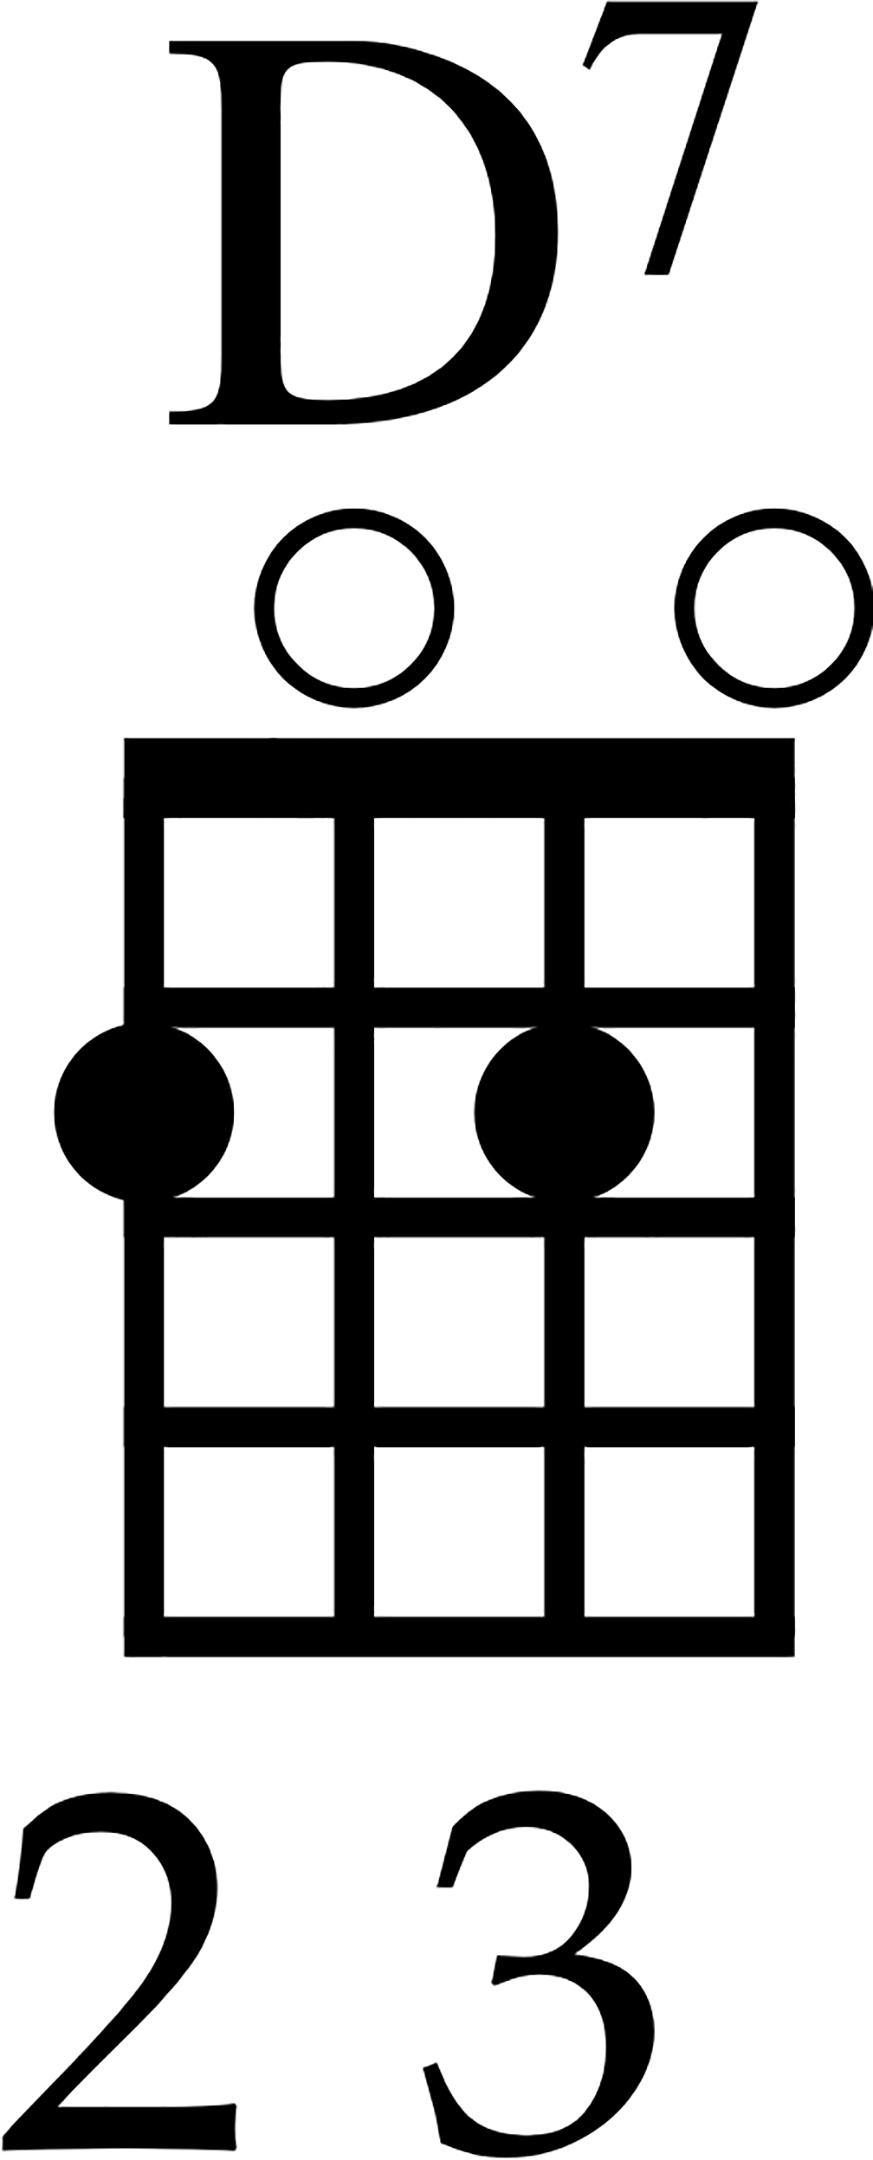 Hawaiian D7 Ukulele Chord